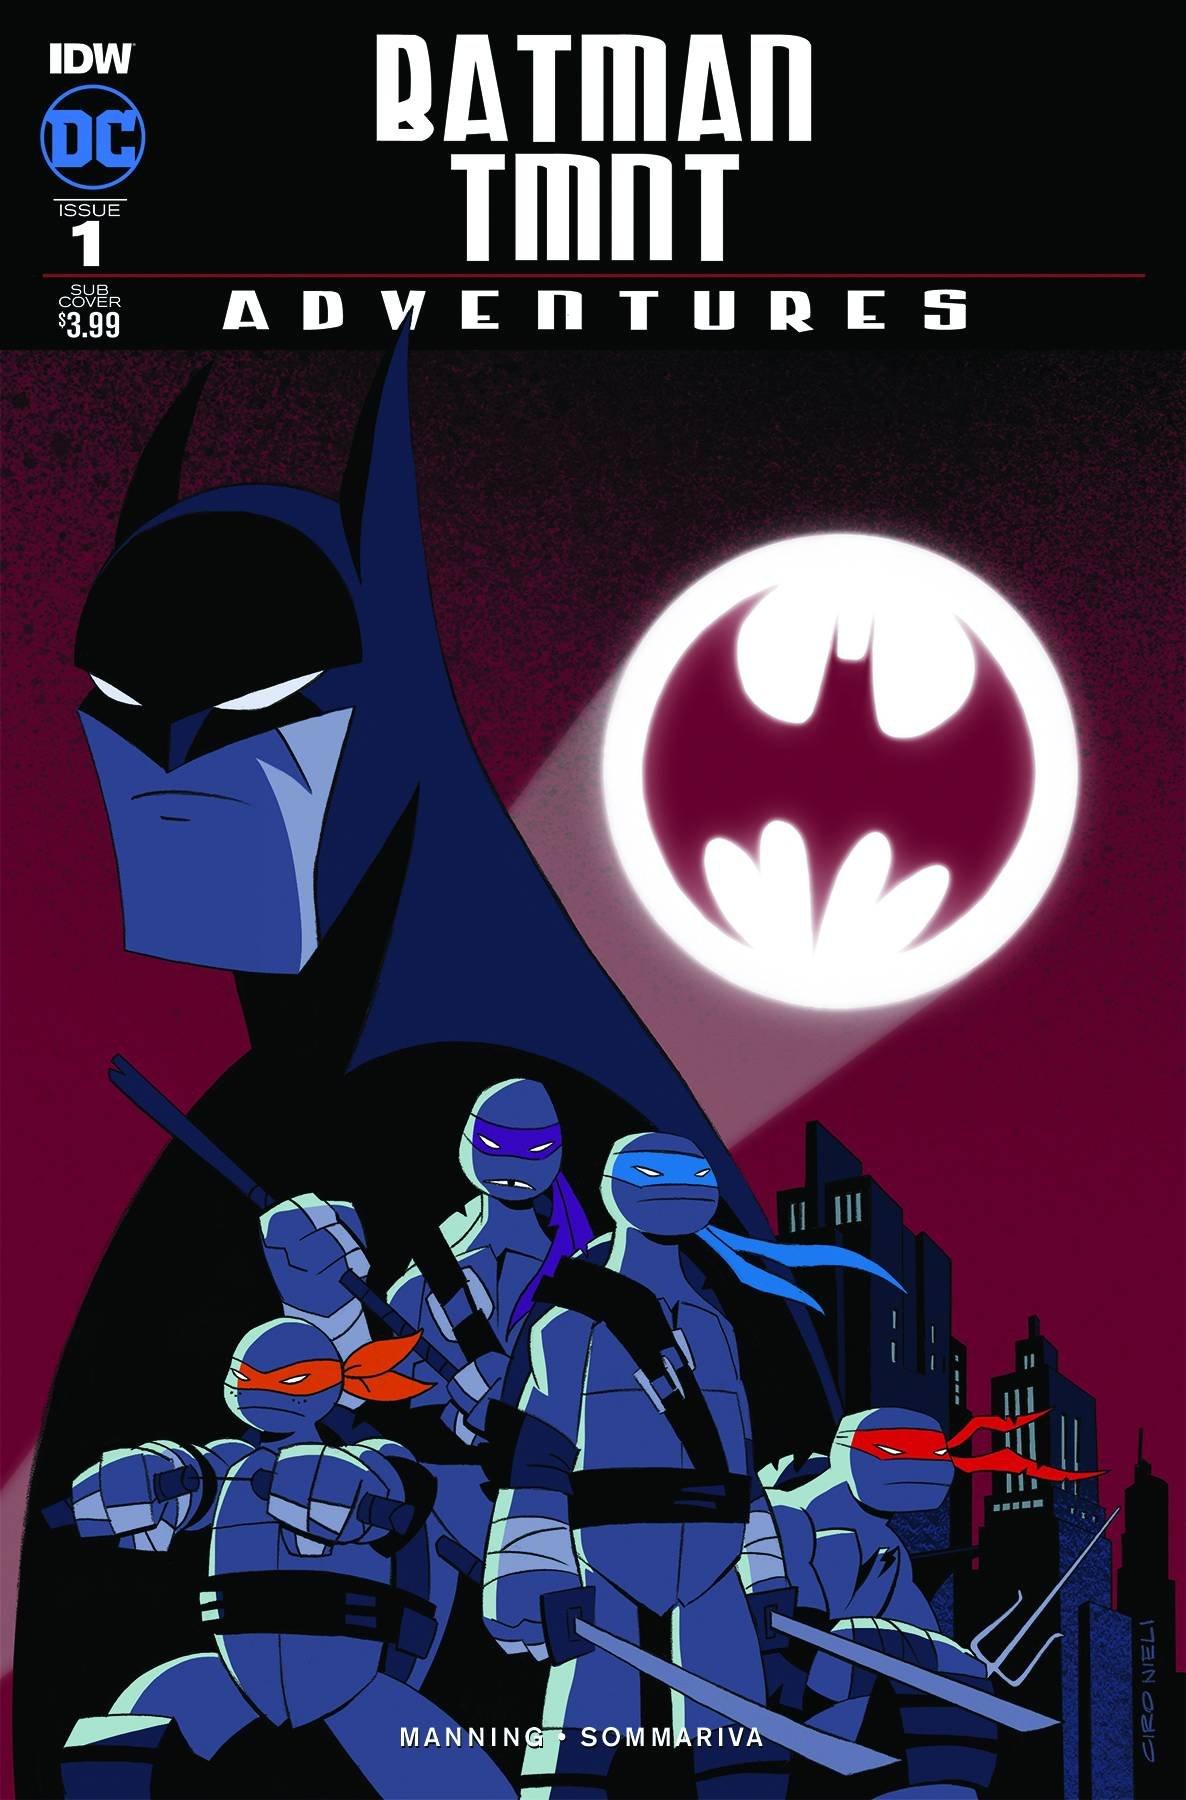 BATMAN TEENAGE MUTANT NINJA TURTLES ADVENTURES #1 (OF 6 ...